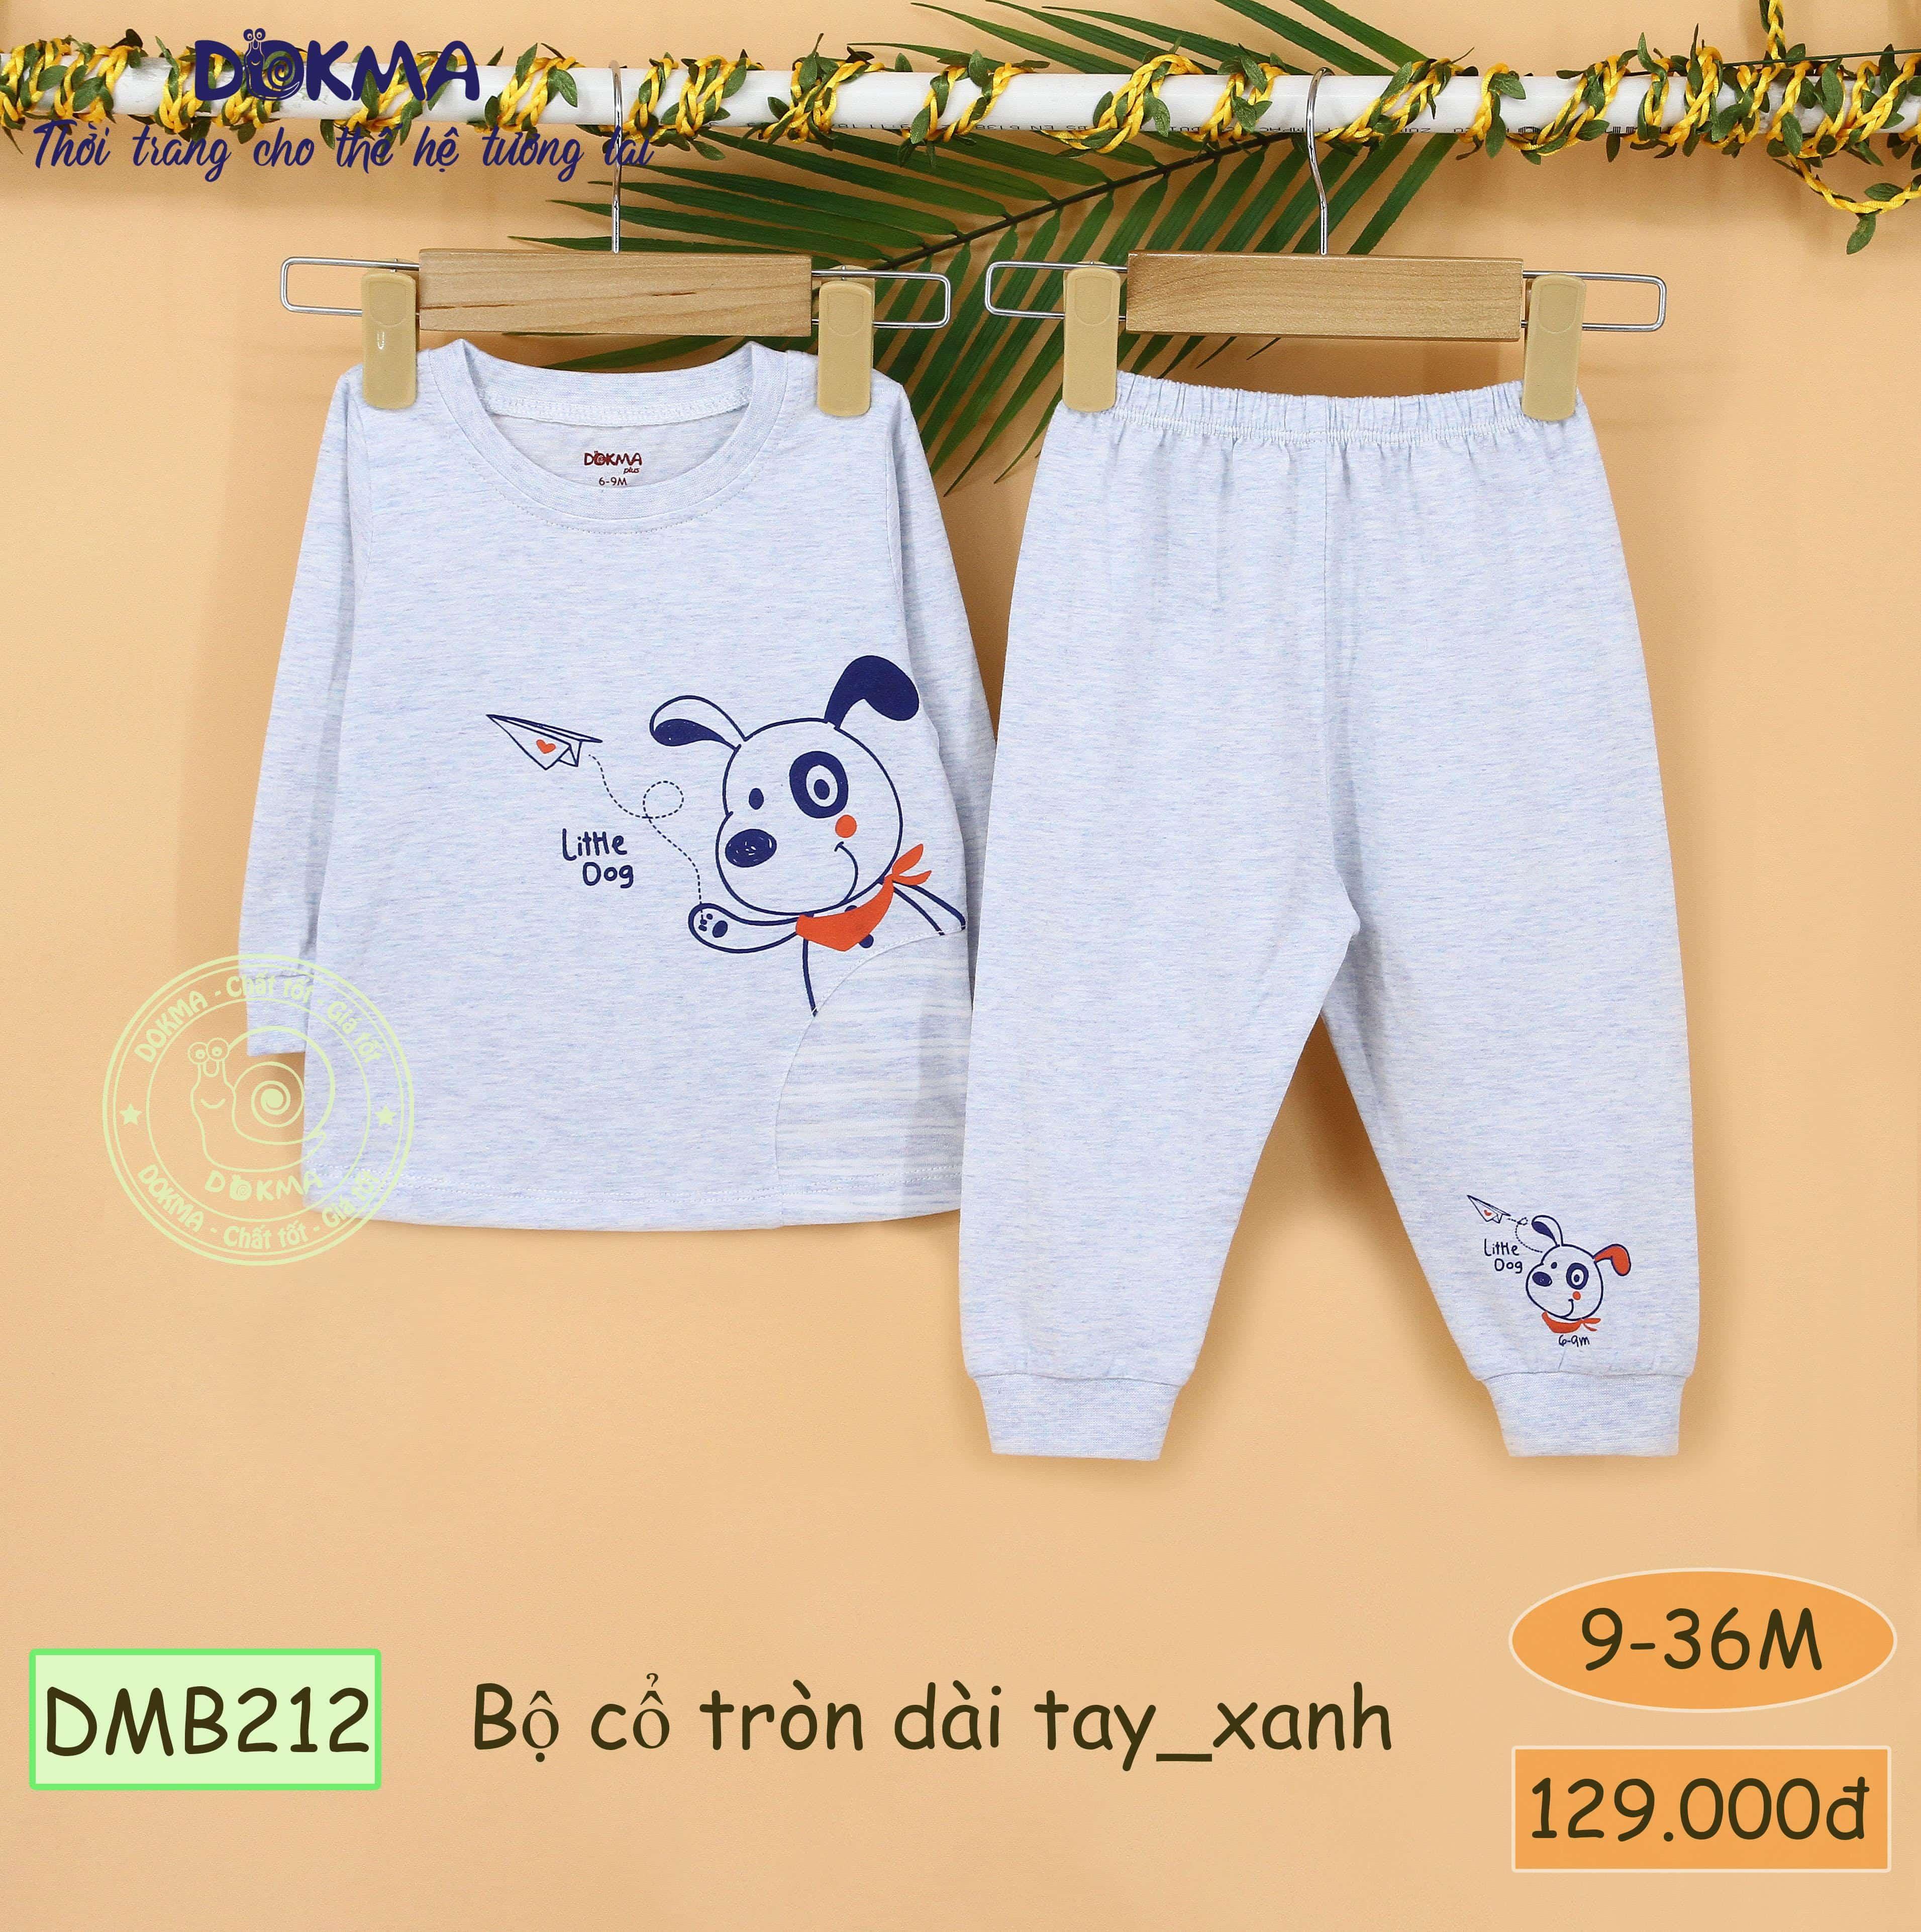 DMB212 Bộ cổ tròn dài tay (9-36M) Dokma Store